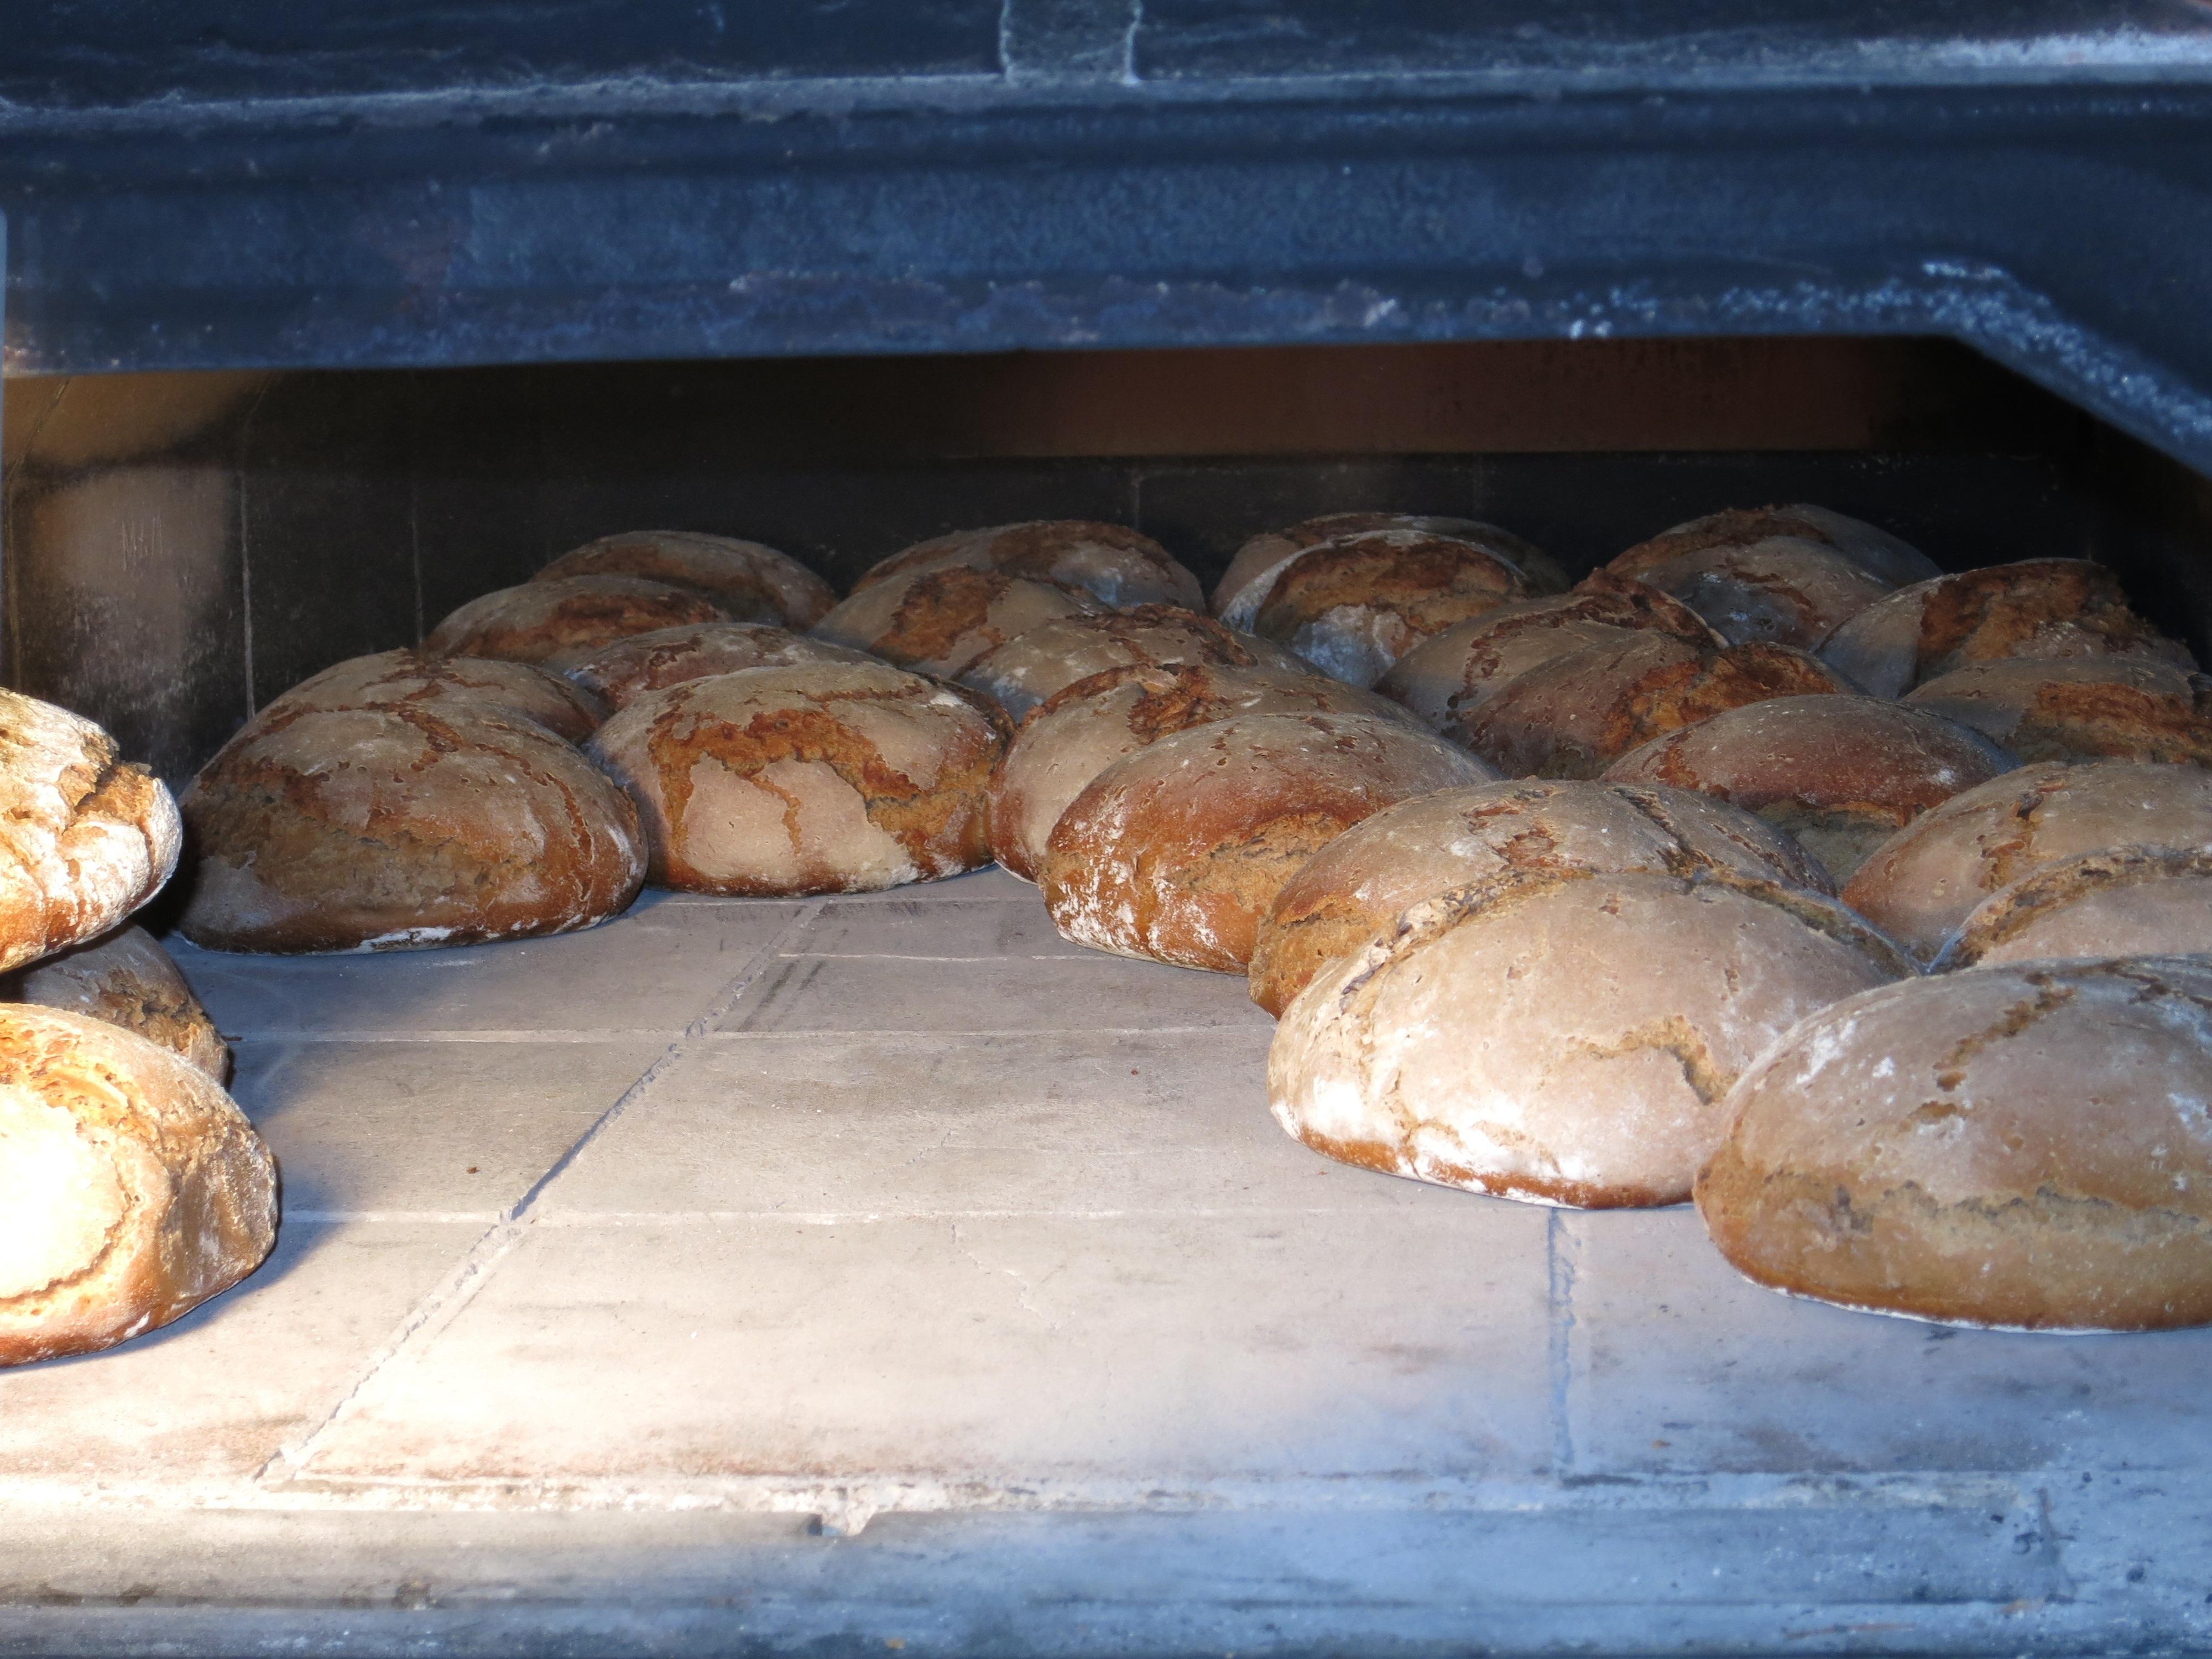 Gratis afbeeldingen werk eten produceren beroep ambacht snack nagerecht bakkerij - Snack eten ...